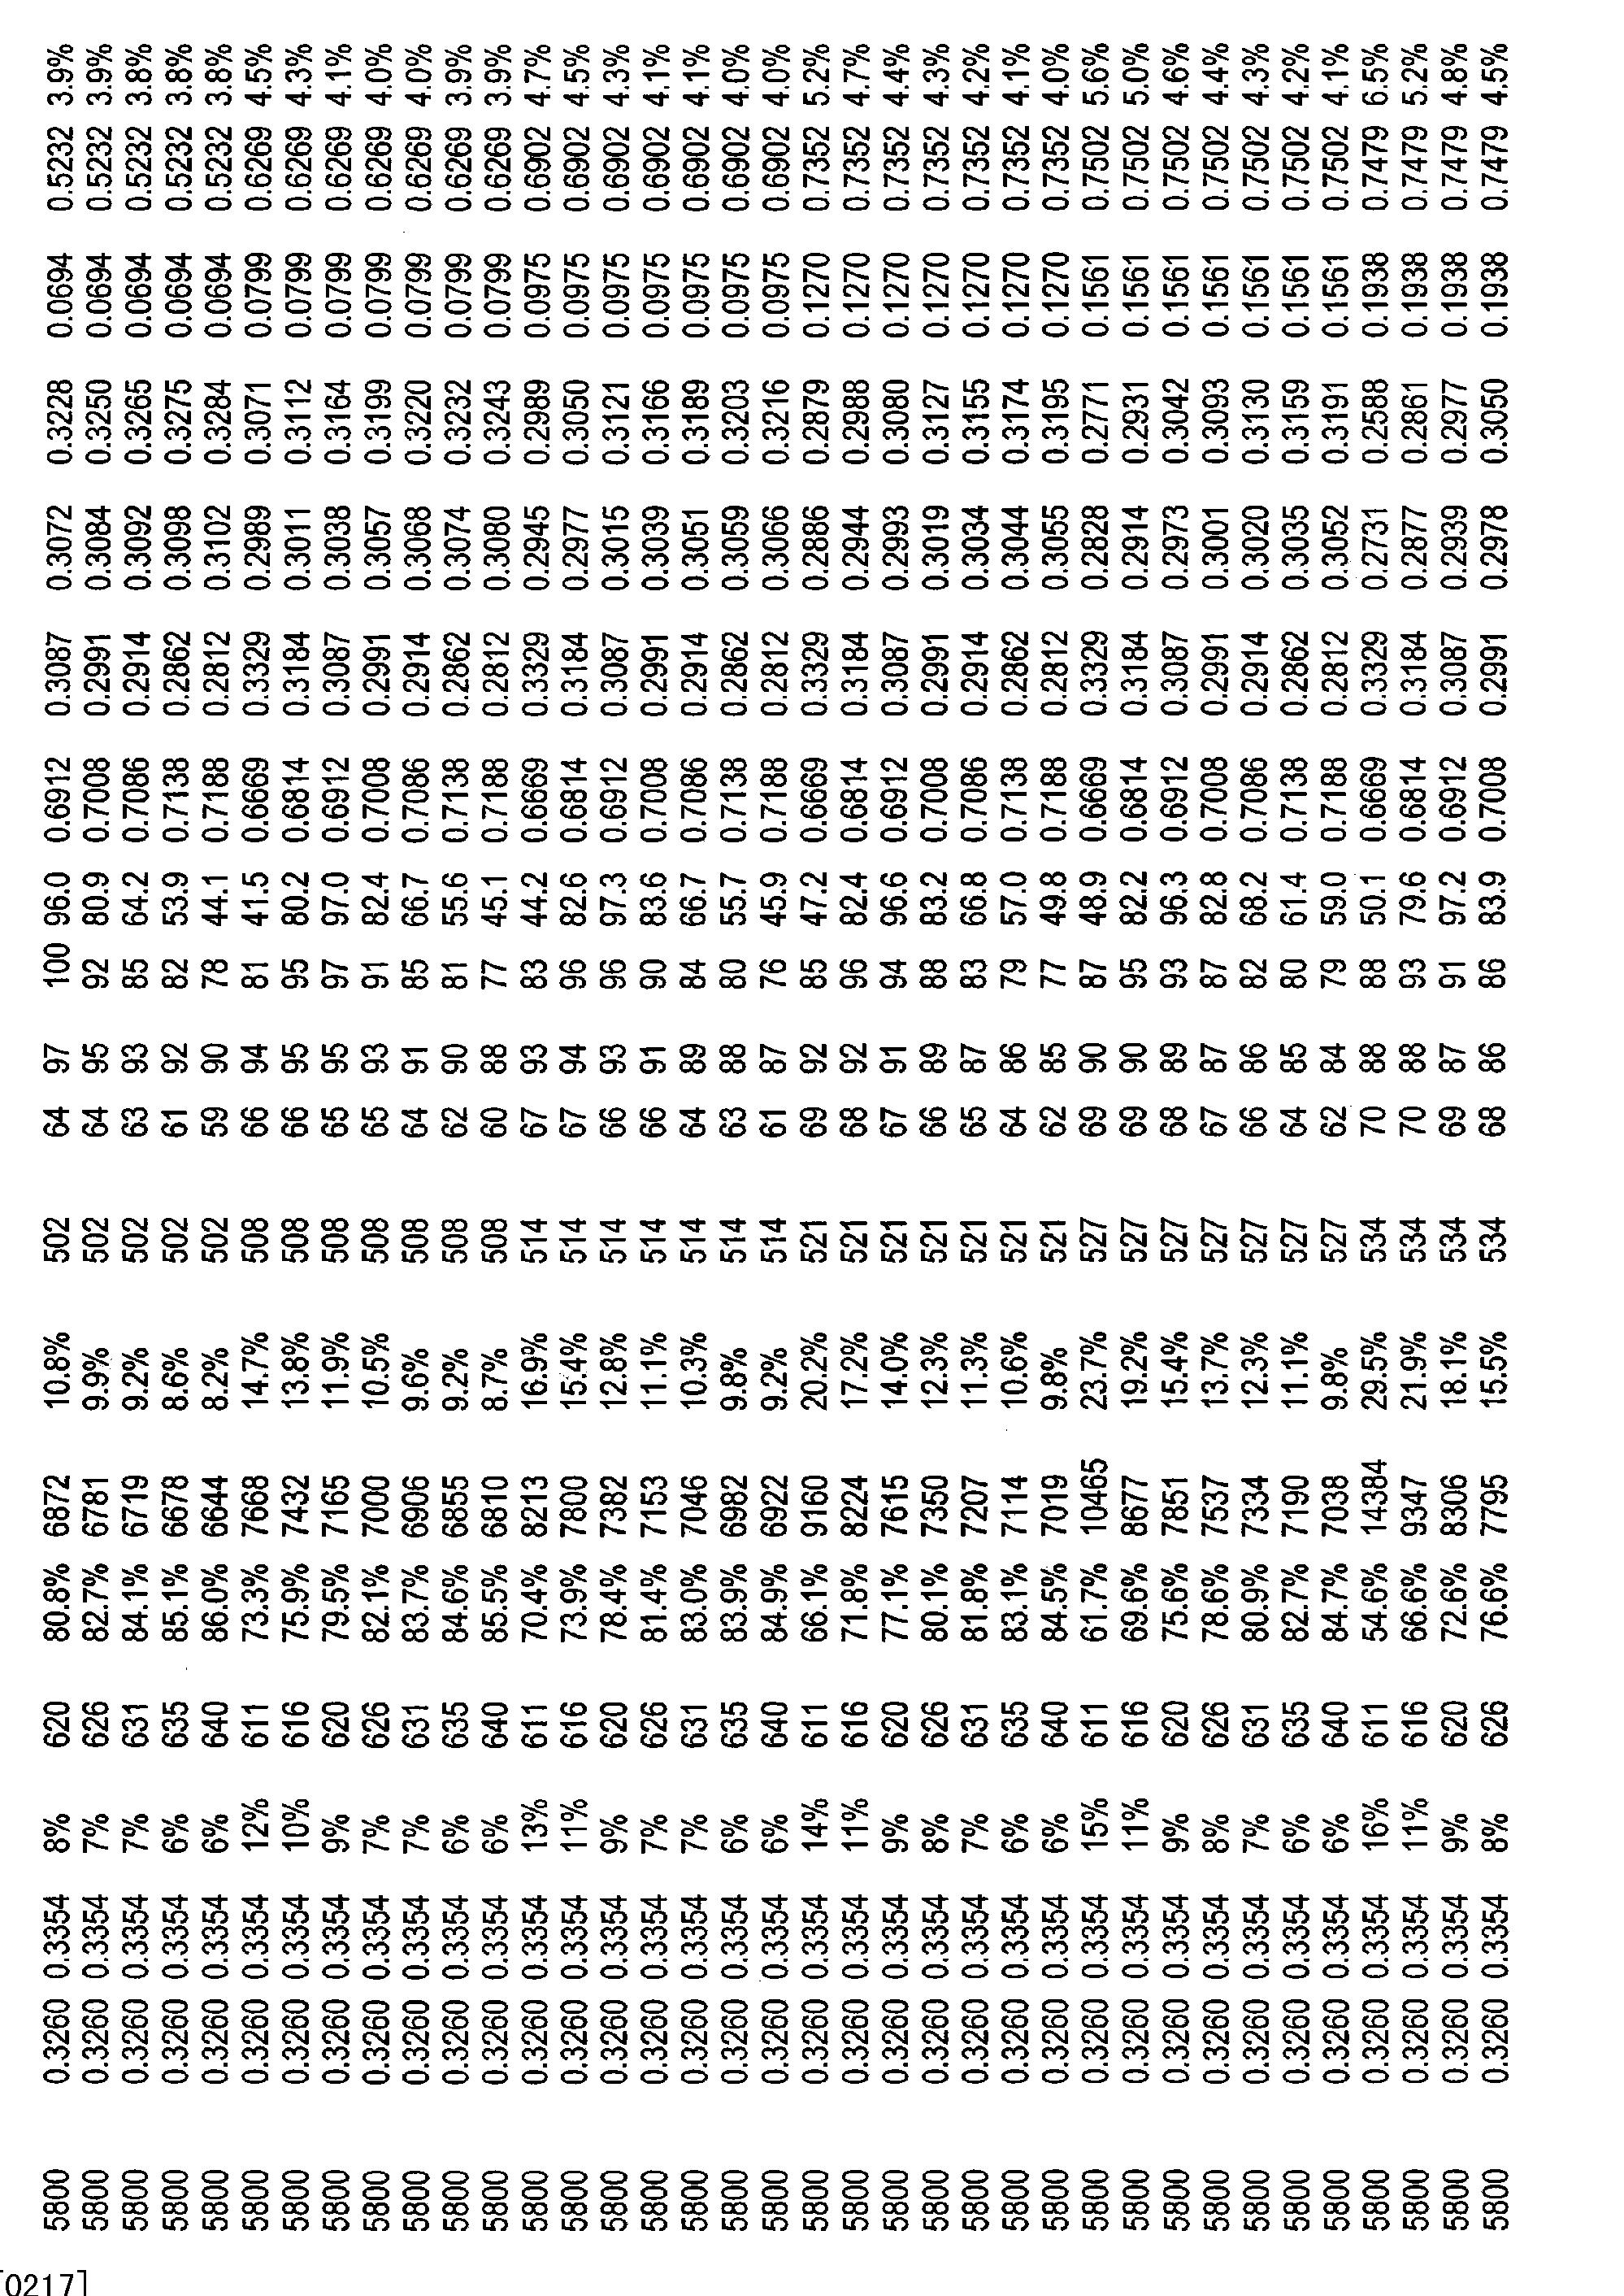 Figure CN101821544BD00441